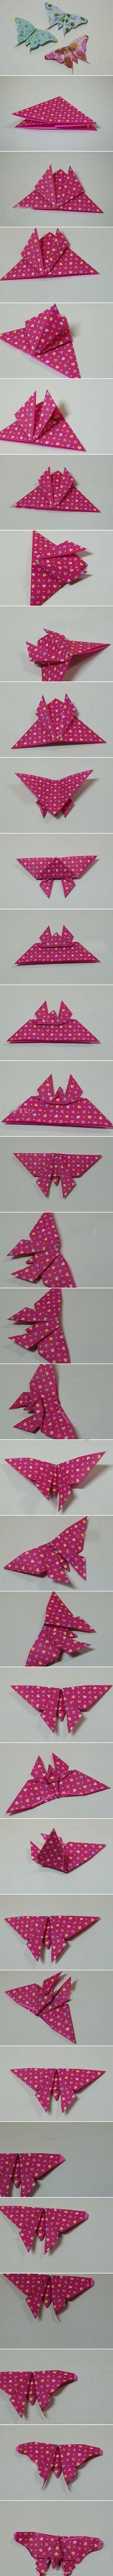 Cách làm những chú bướm đầy màu sắc thật đơn giản  54